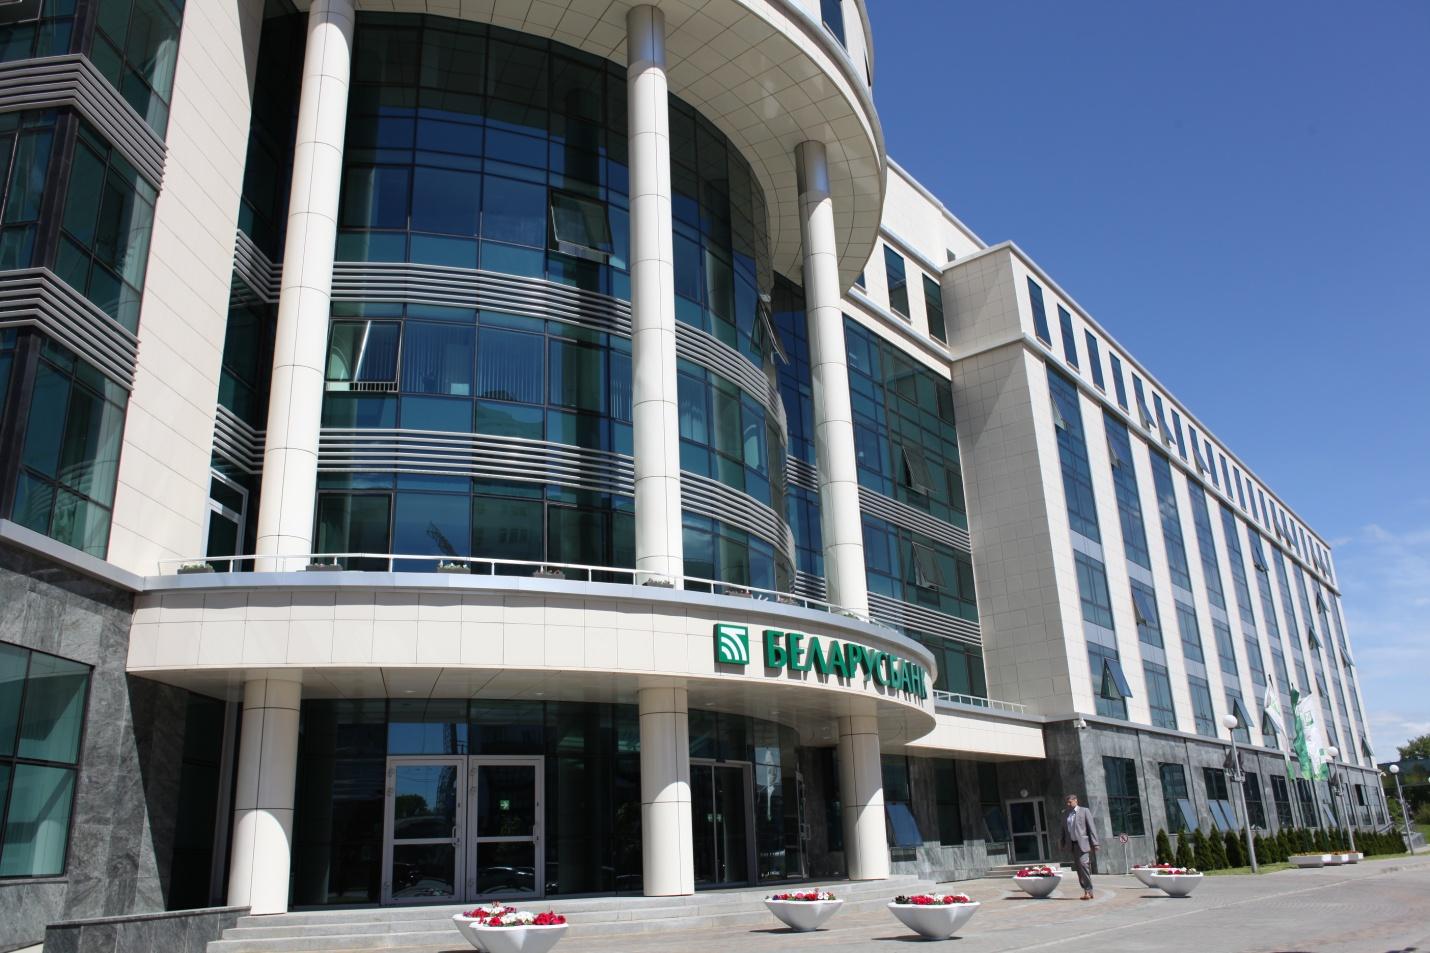 Беларусбанк — Википедия